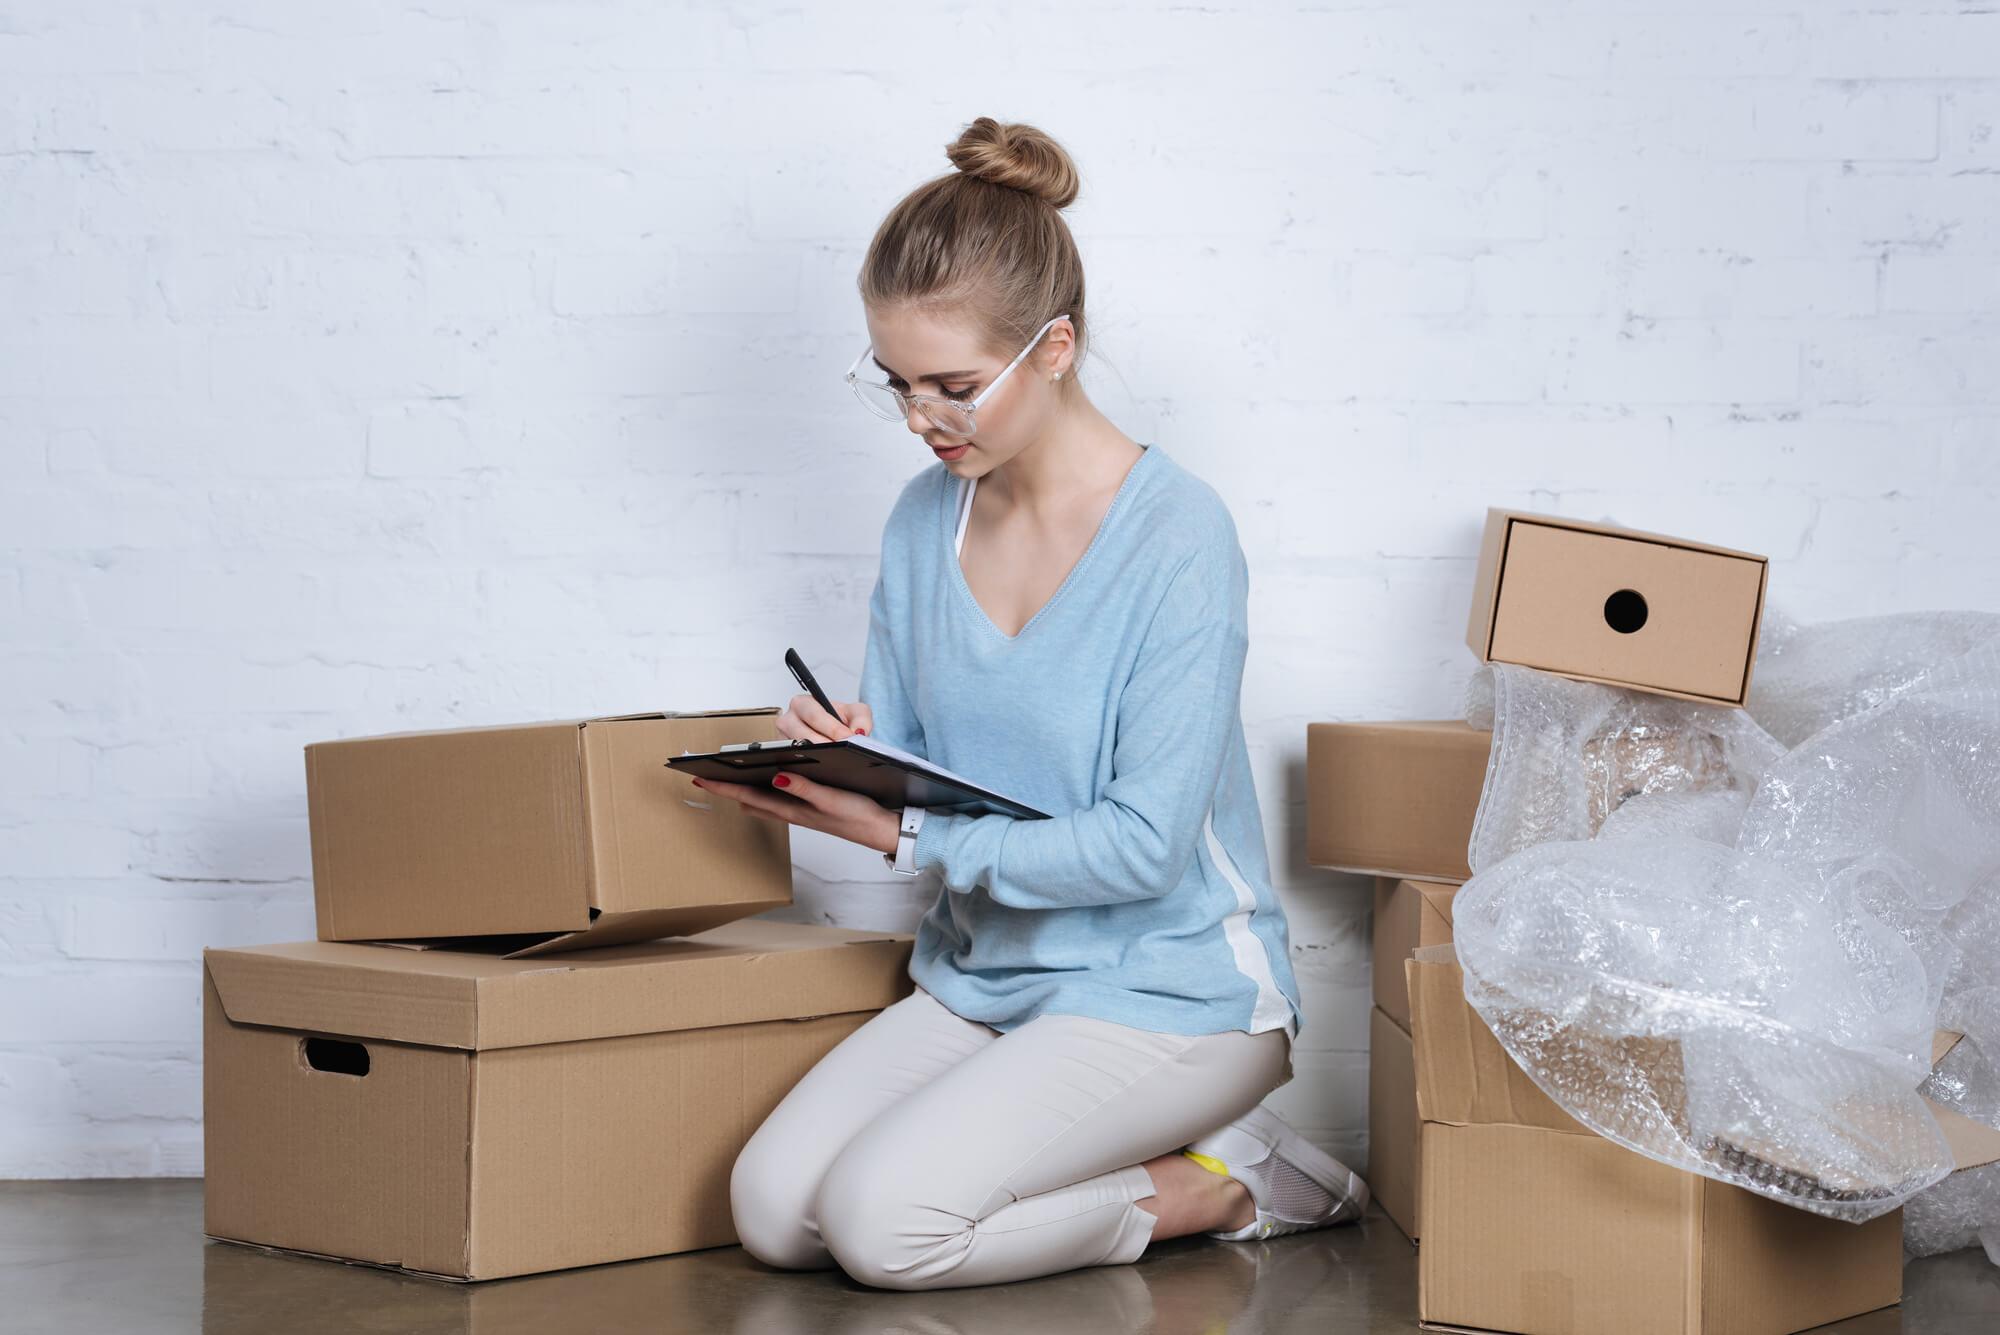 225927-x-beneficios-ao-revender-produtos-de-danca-que-voce-tem-que-conhecer